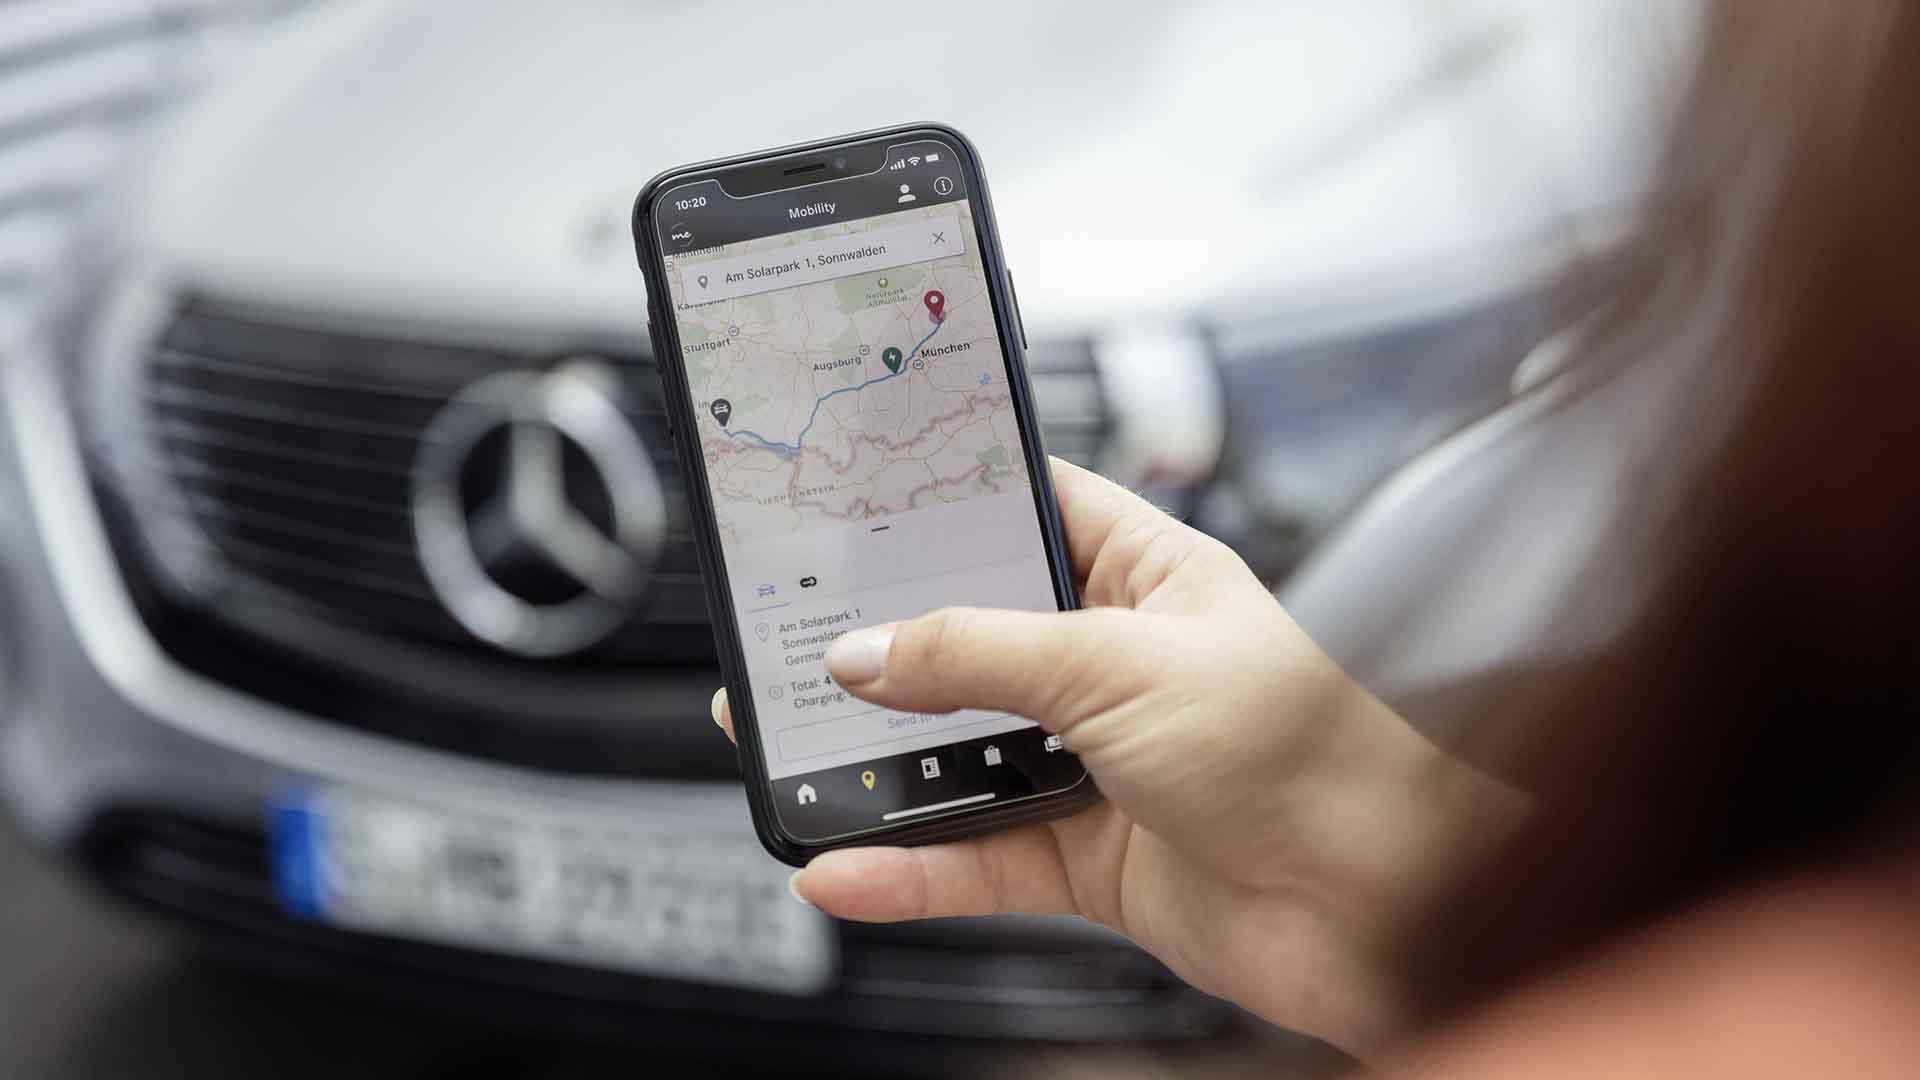 Mercedes-Benz smartphone app